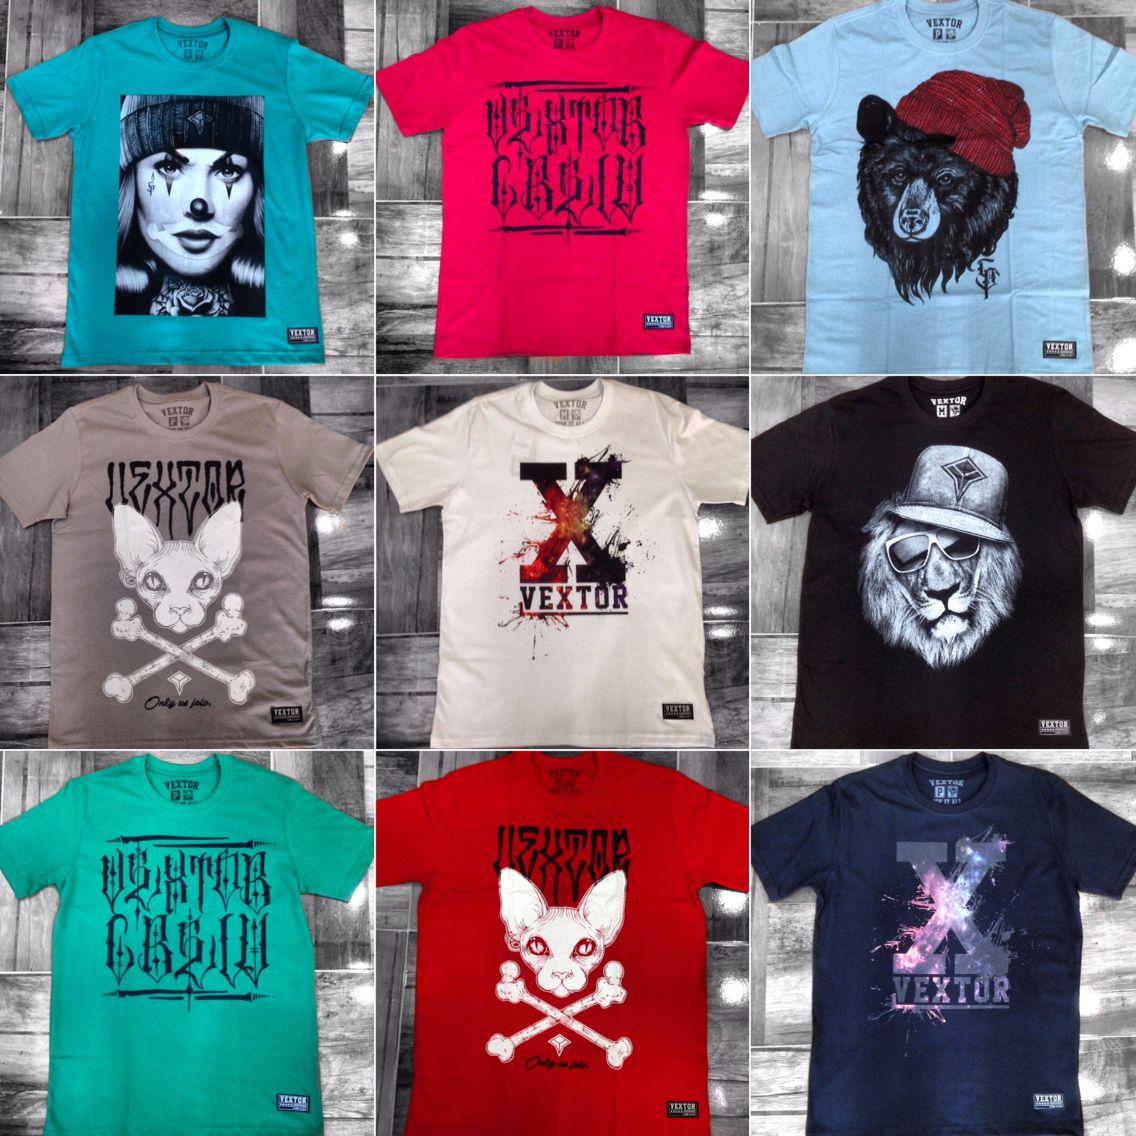 Promoção nova ... Camisetas VEXTOR  1 por 49,90 e 3 por 119,90 !! Aproveitem !!